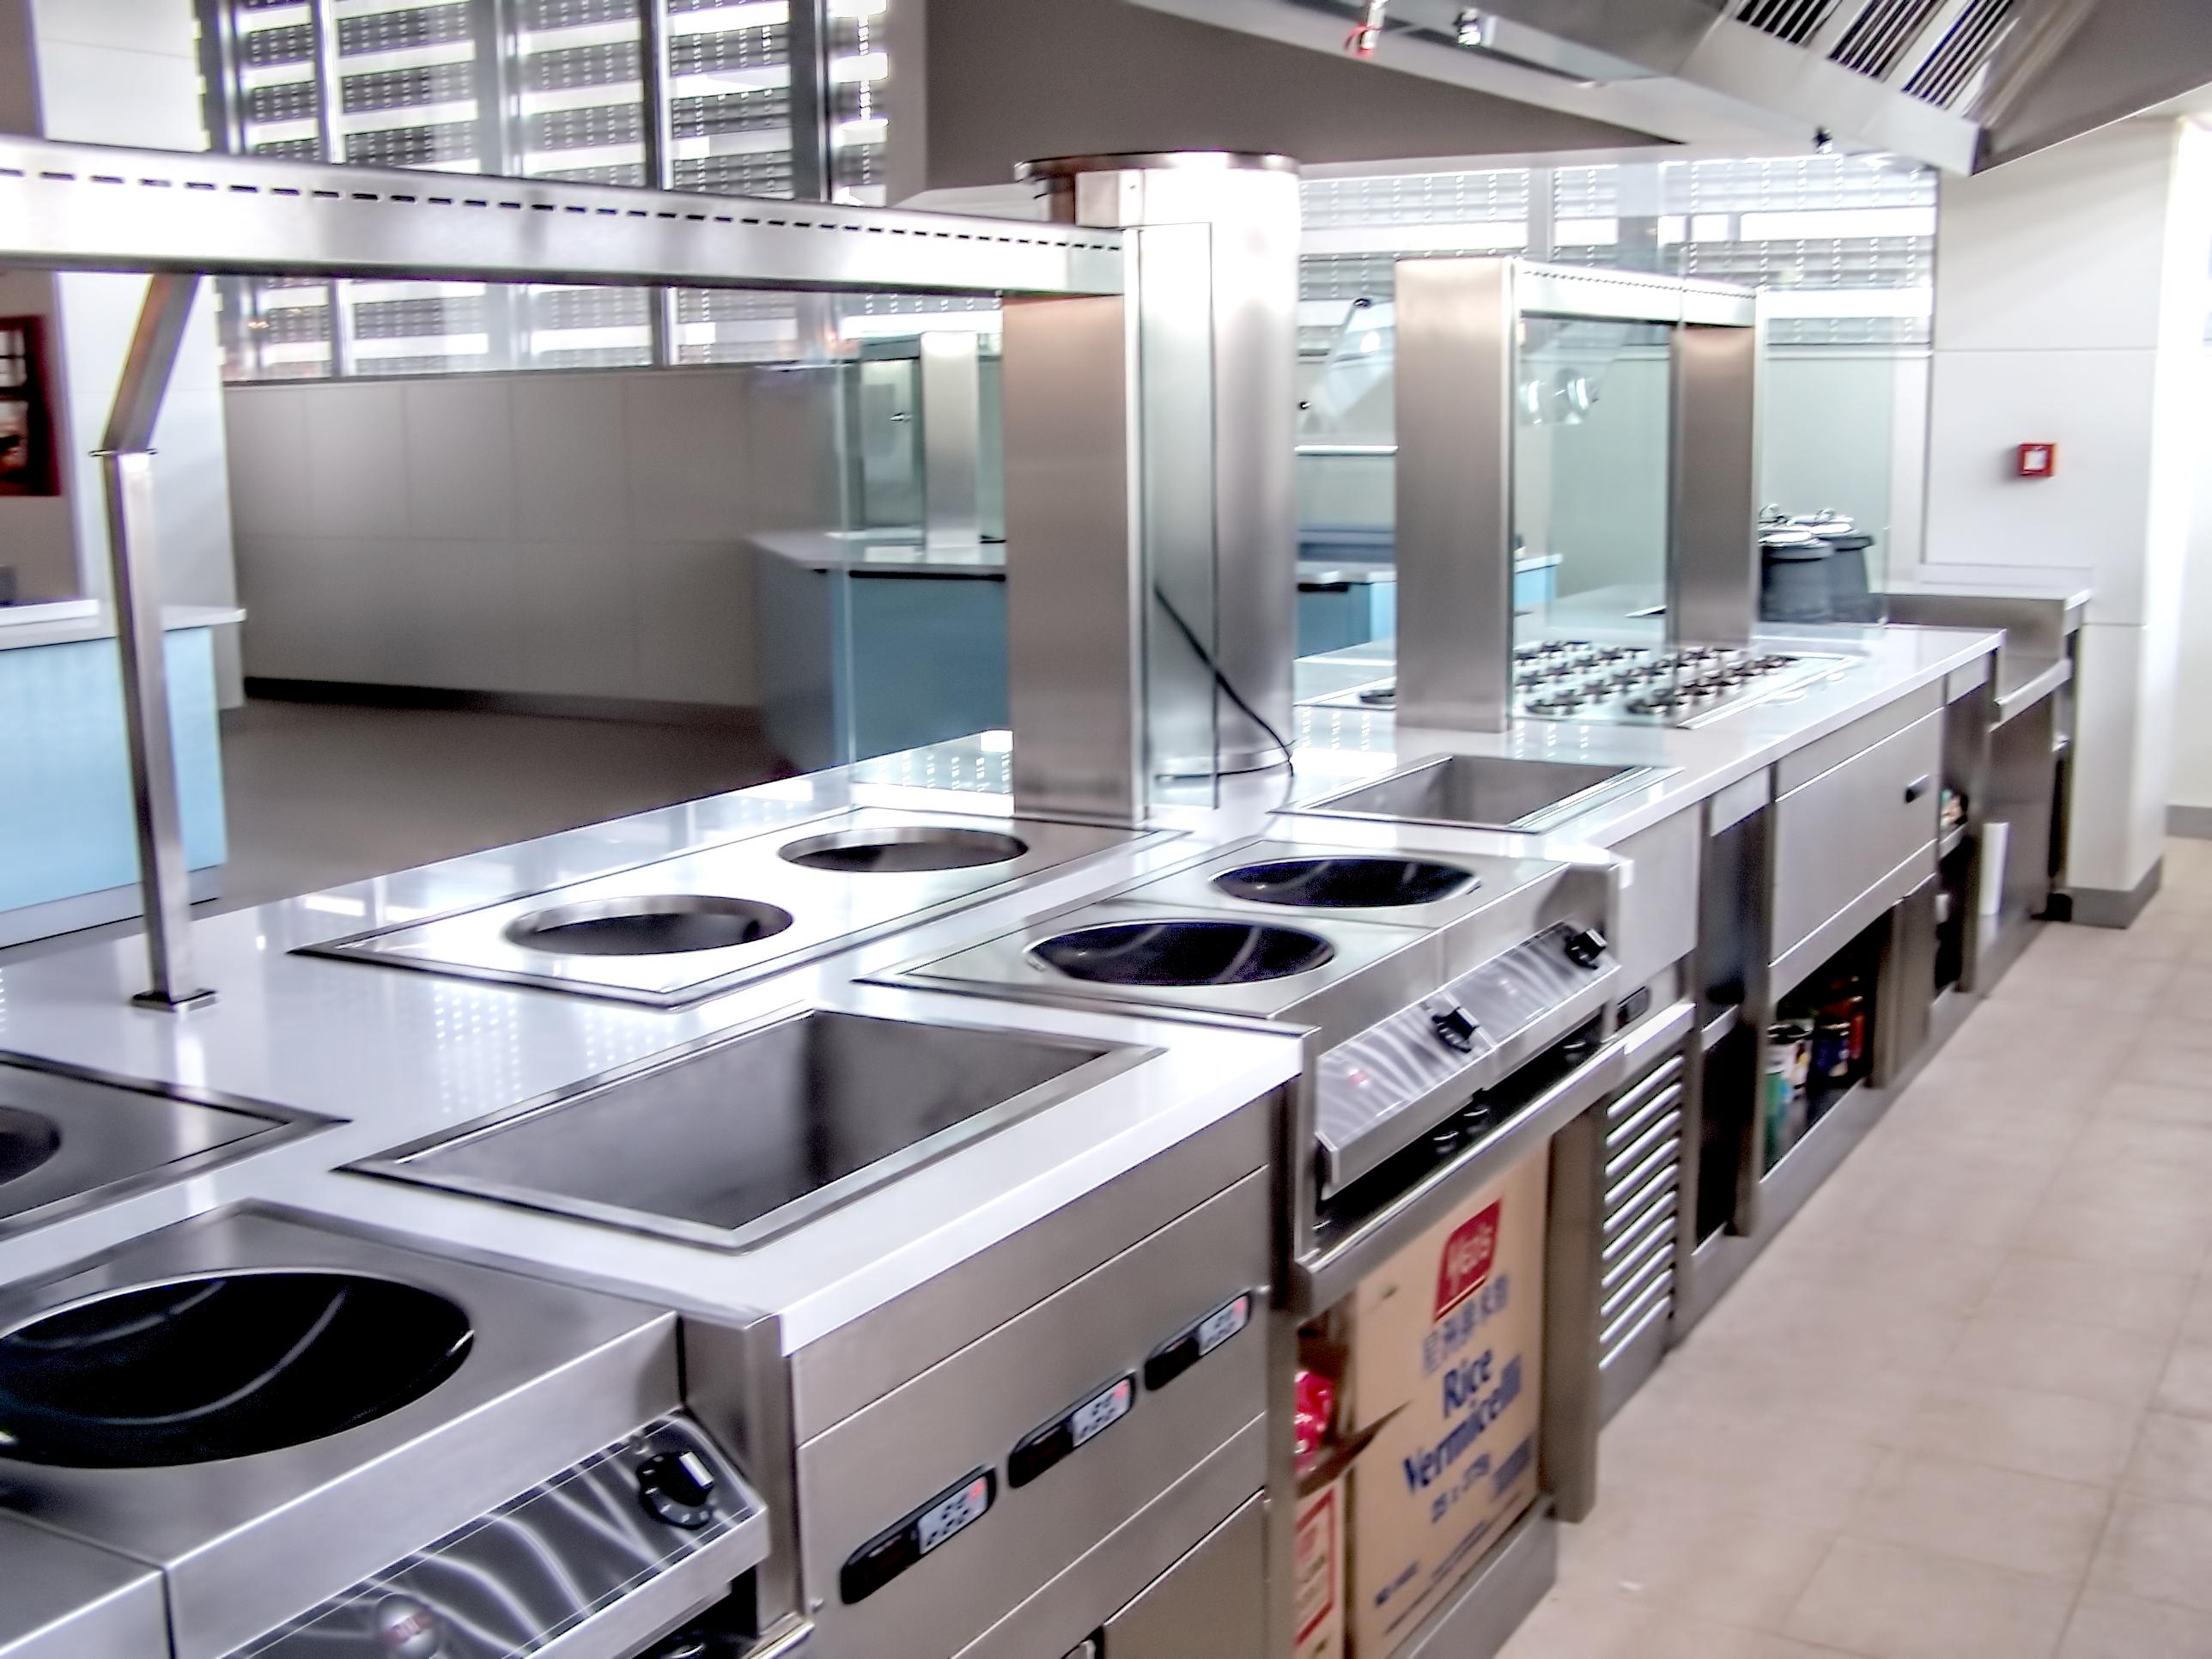 fotos-proyectos-obras-aceroinnova-cocinas-hosteleria-restauracion-instalaciones-montaje-restaurante33